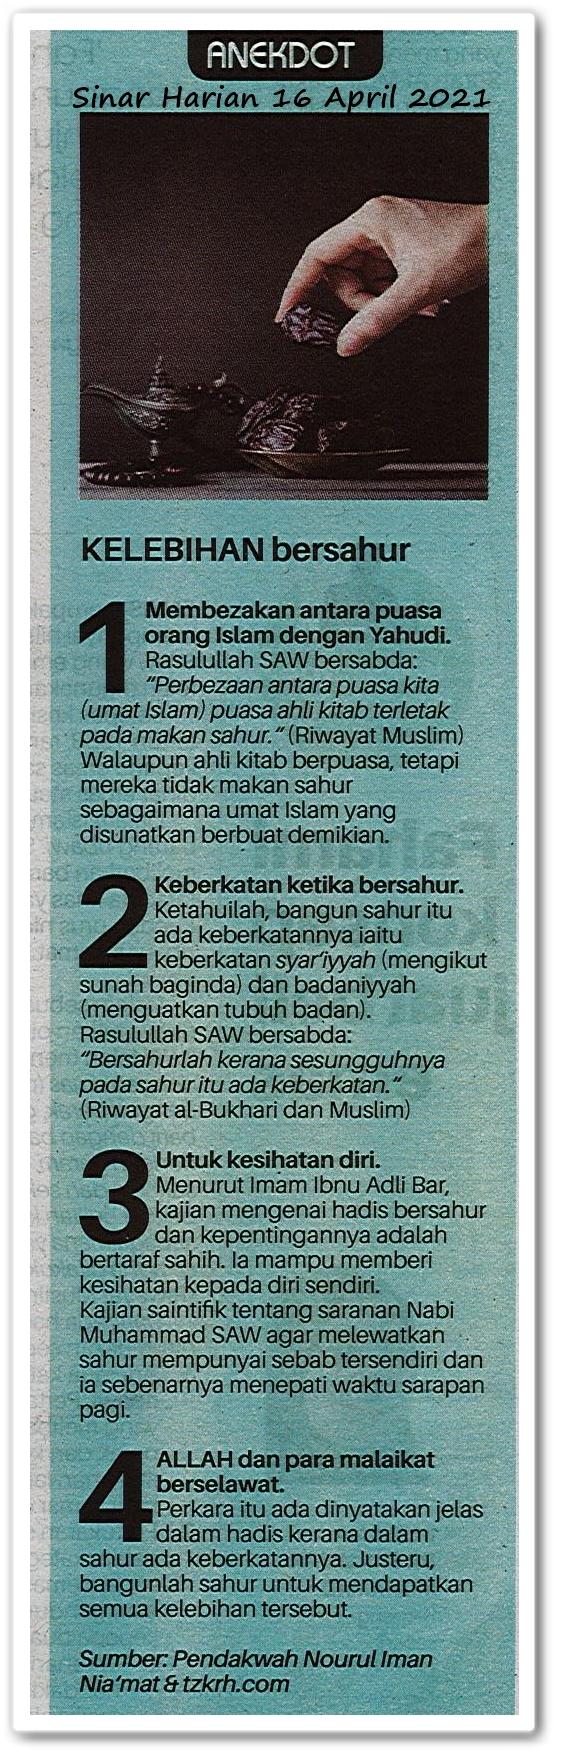 Anekdot | Kelebihan bersahur - Keratan akhbar Sinar Harian 16 April 2021